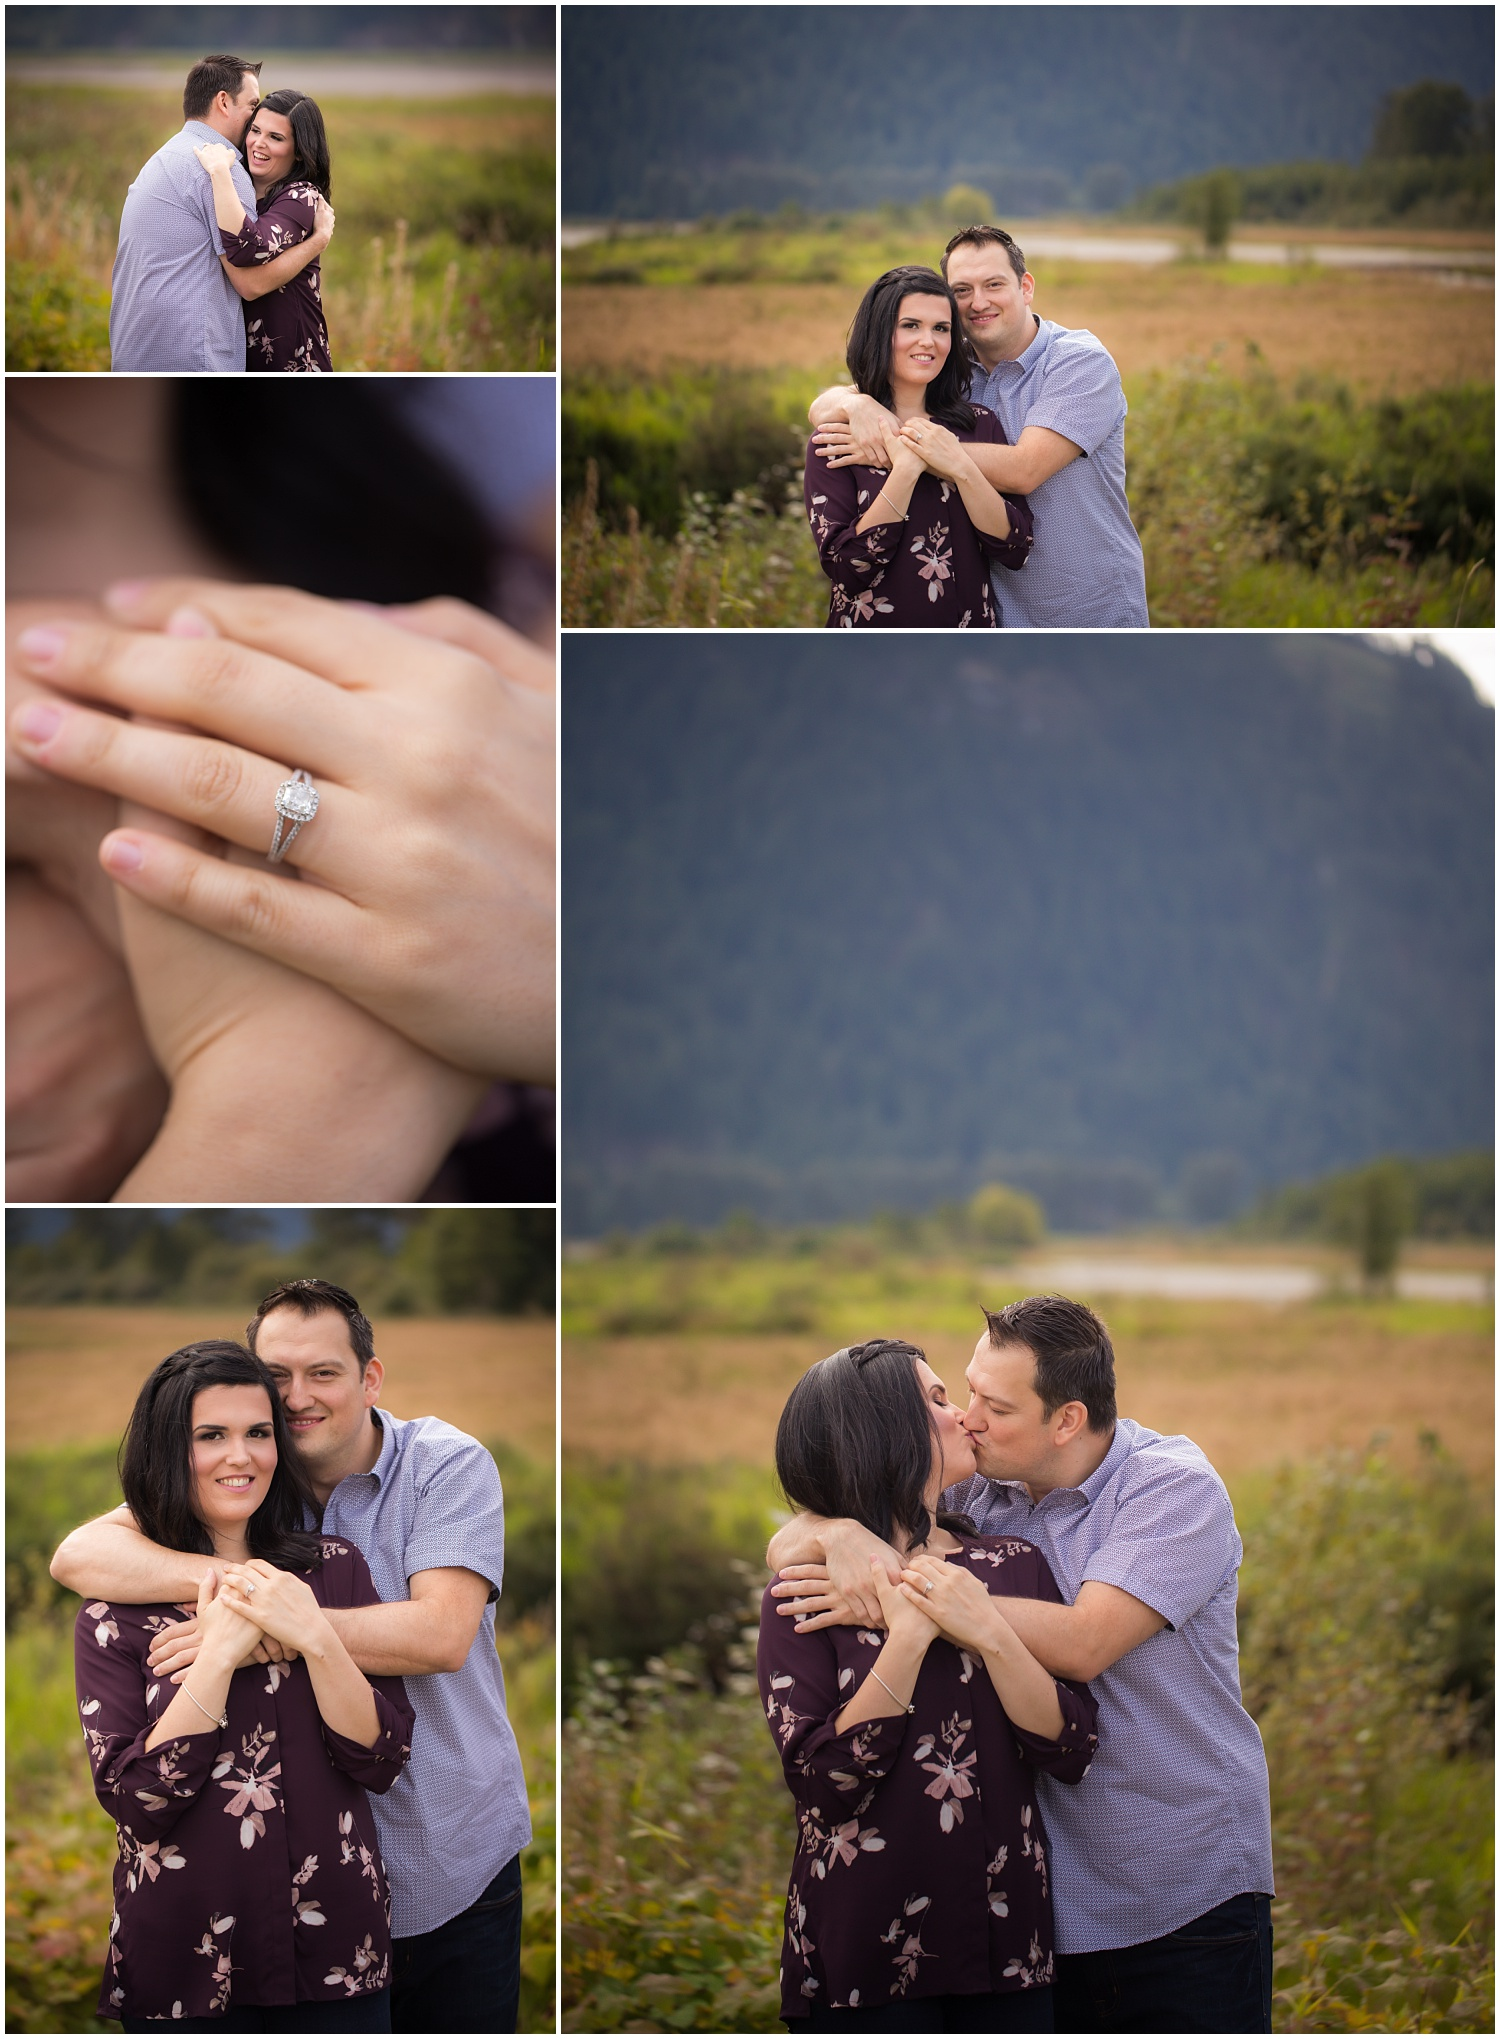 Amazing Day Photography - Pitt Lake Engagement Session - Langley Engagement Photographer (3).jpg